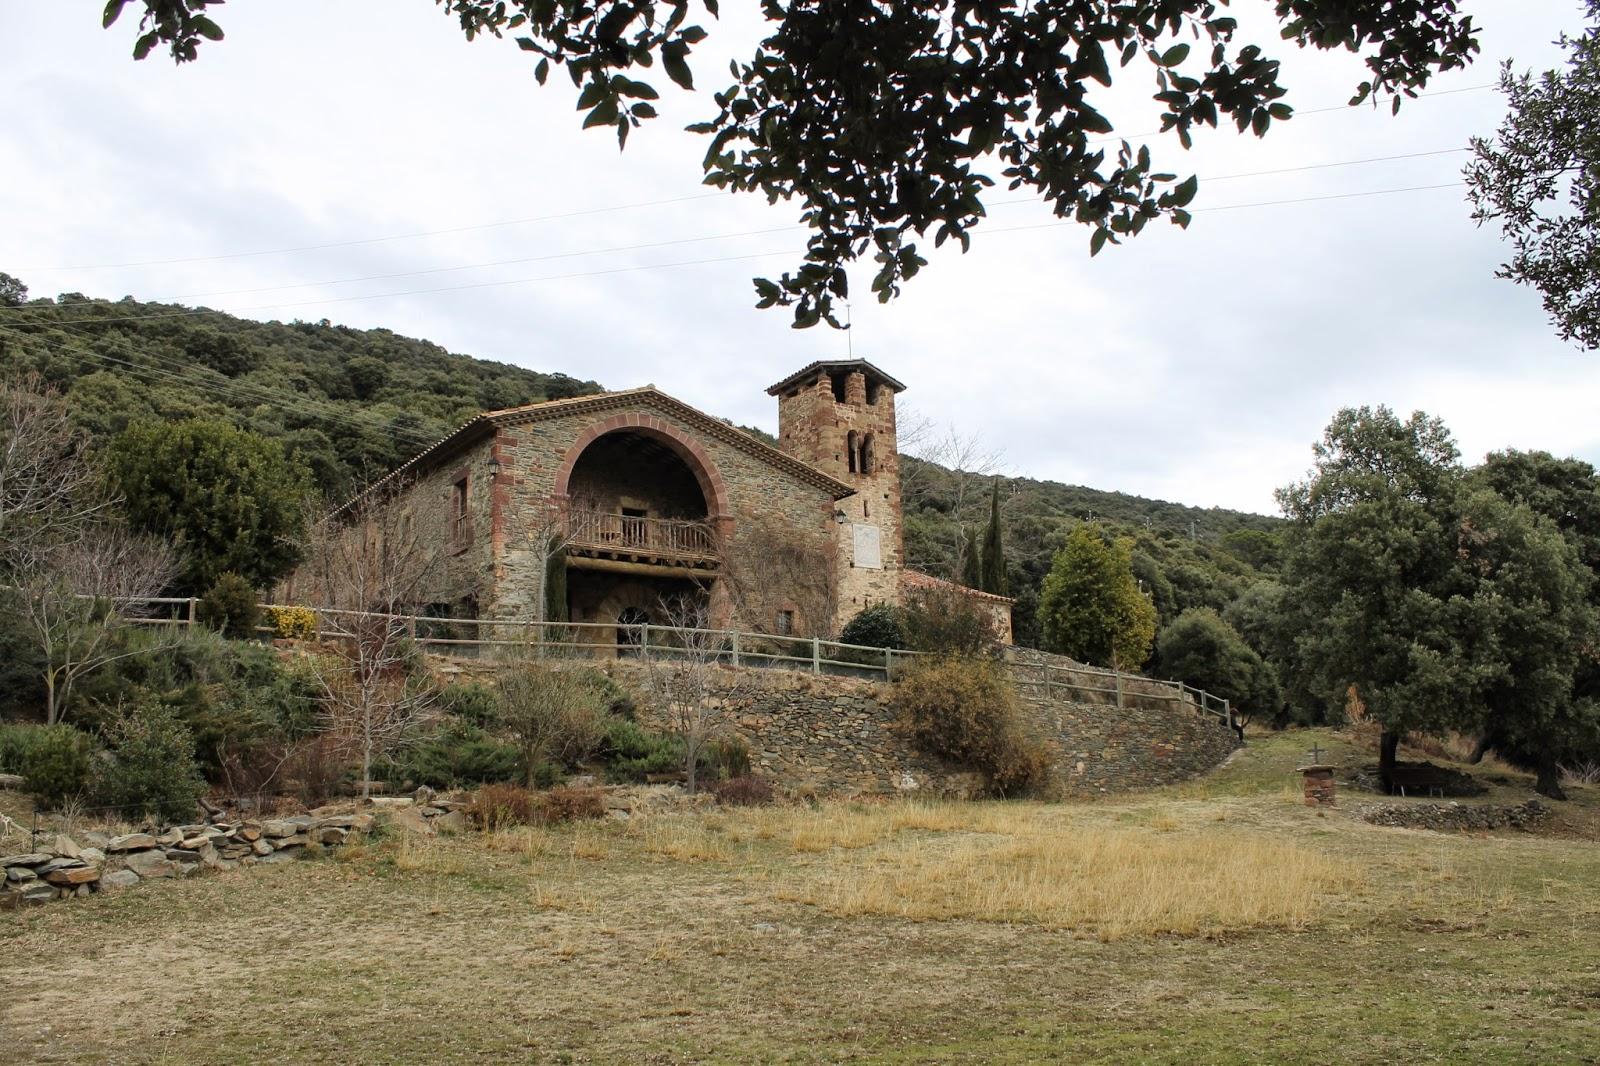 Poesia i excursionisme els 3 cims del montseny matagalls for Les piscines del montseny